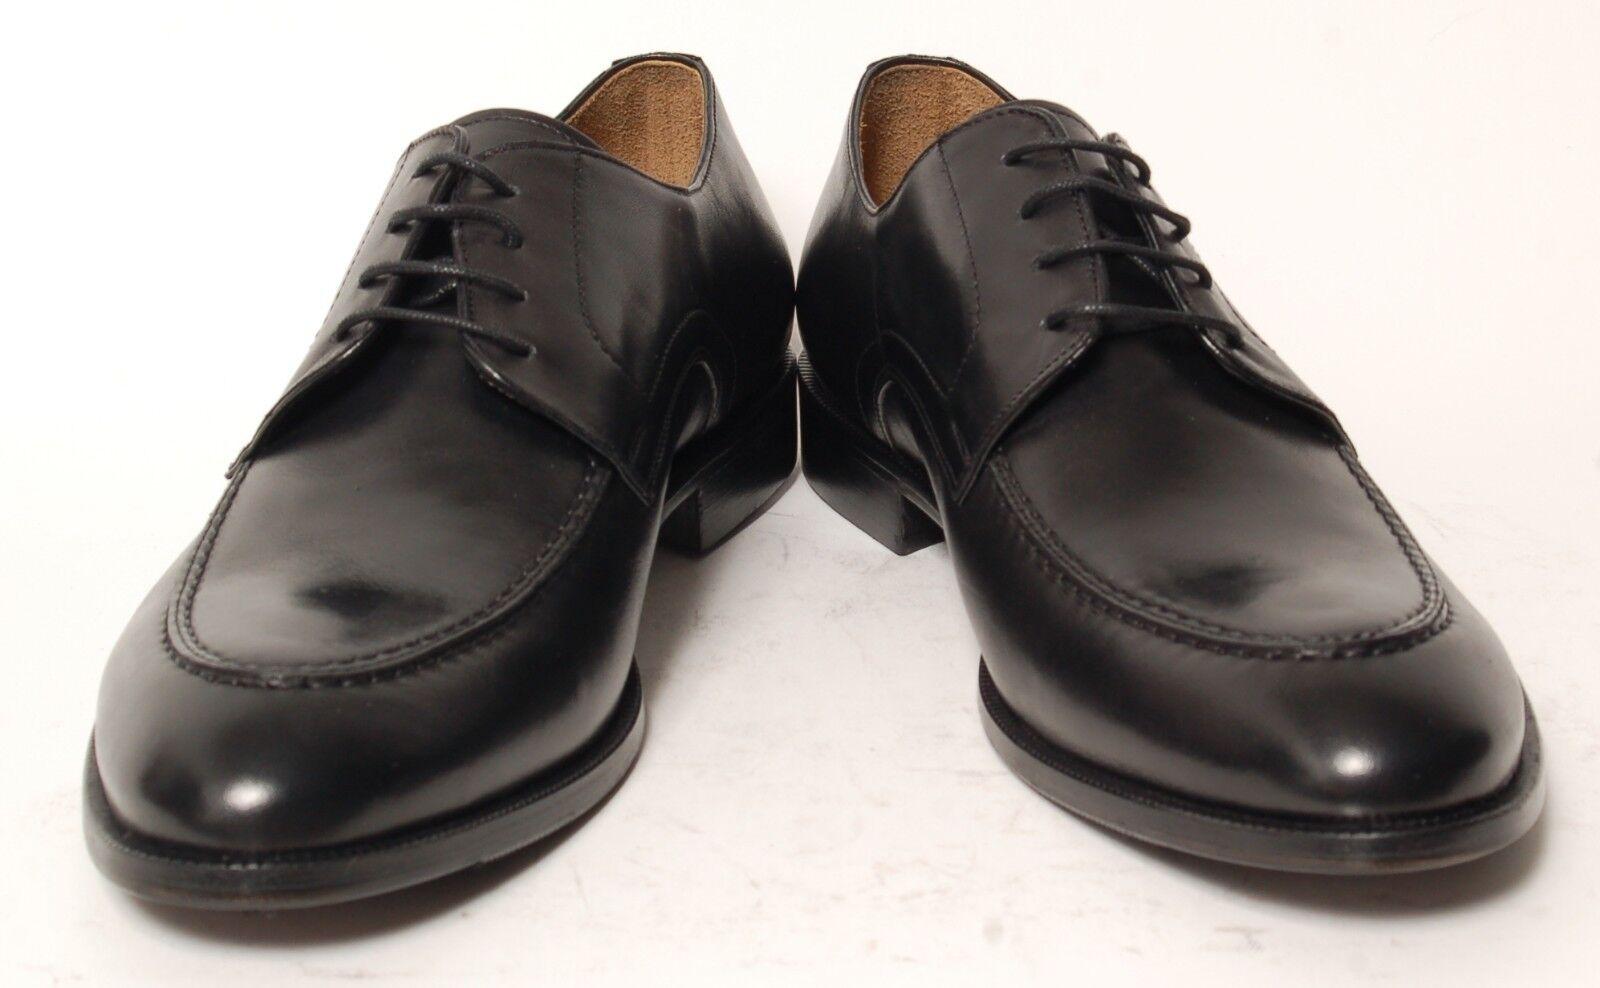 ACC   Handgefertigt   italienischer Schuh   Norweger-Variante   Echtleder   822